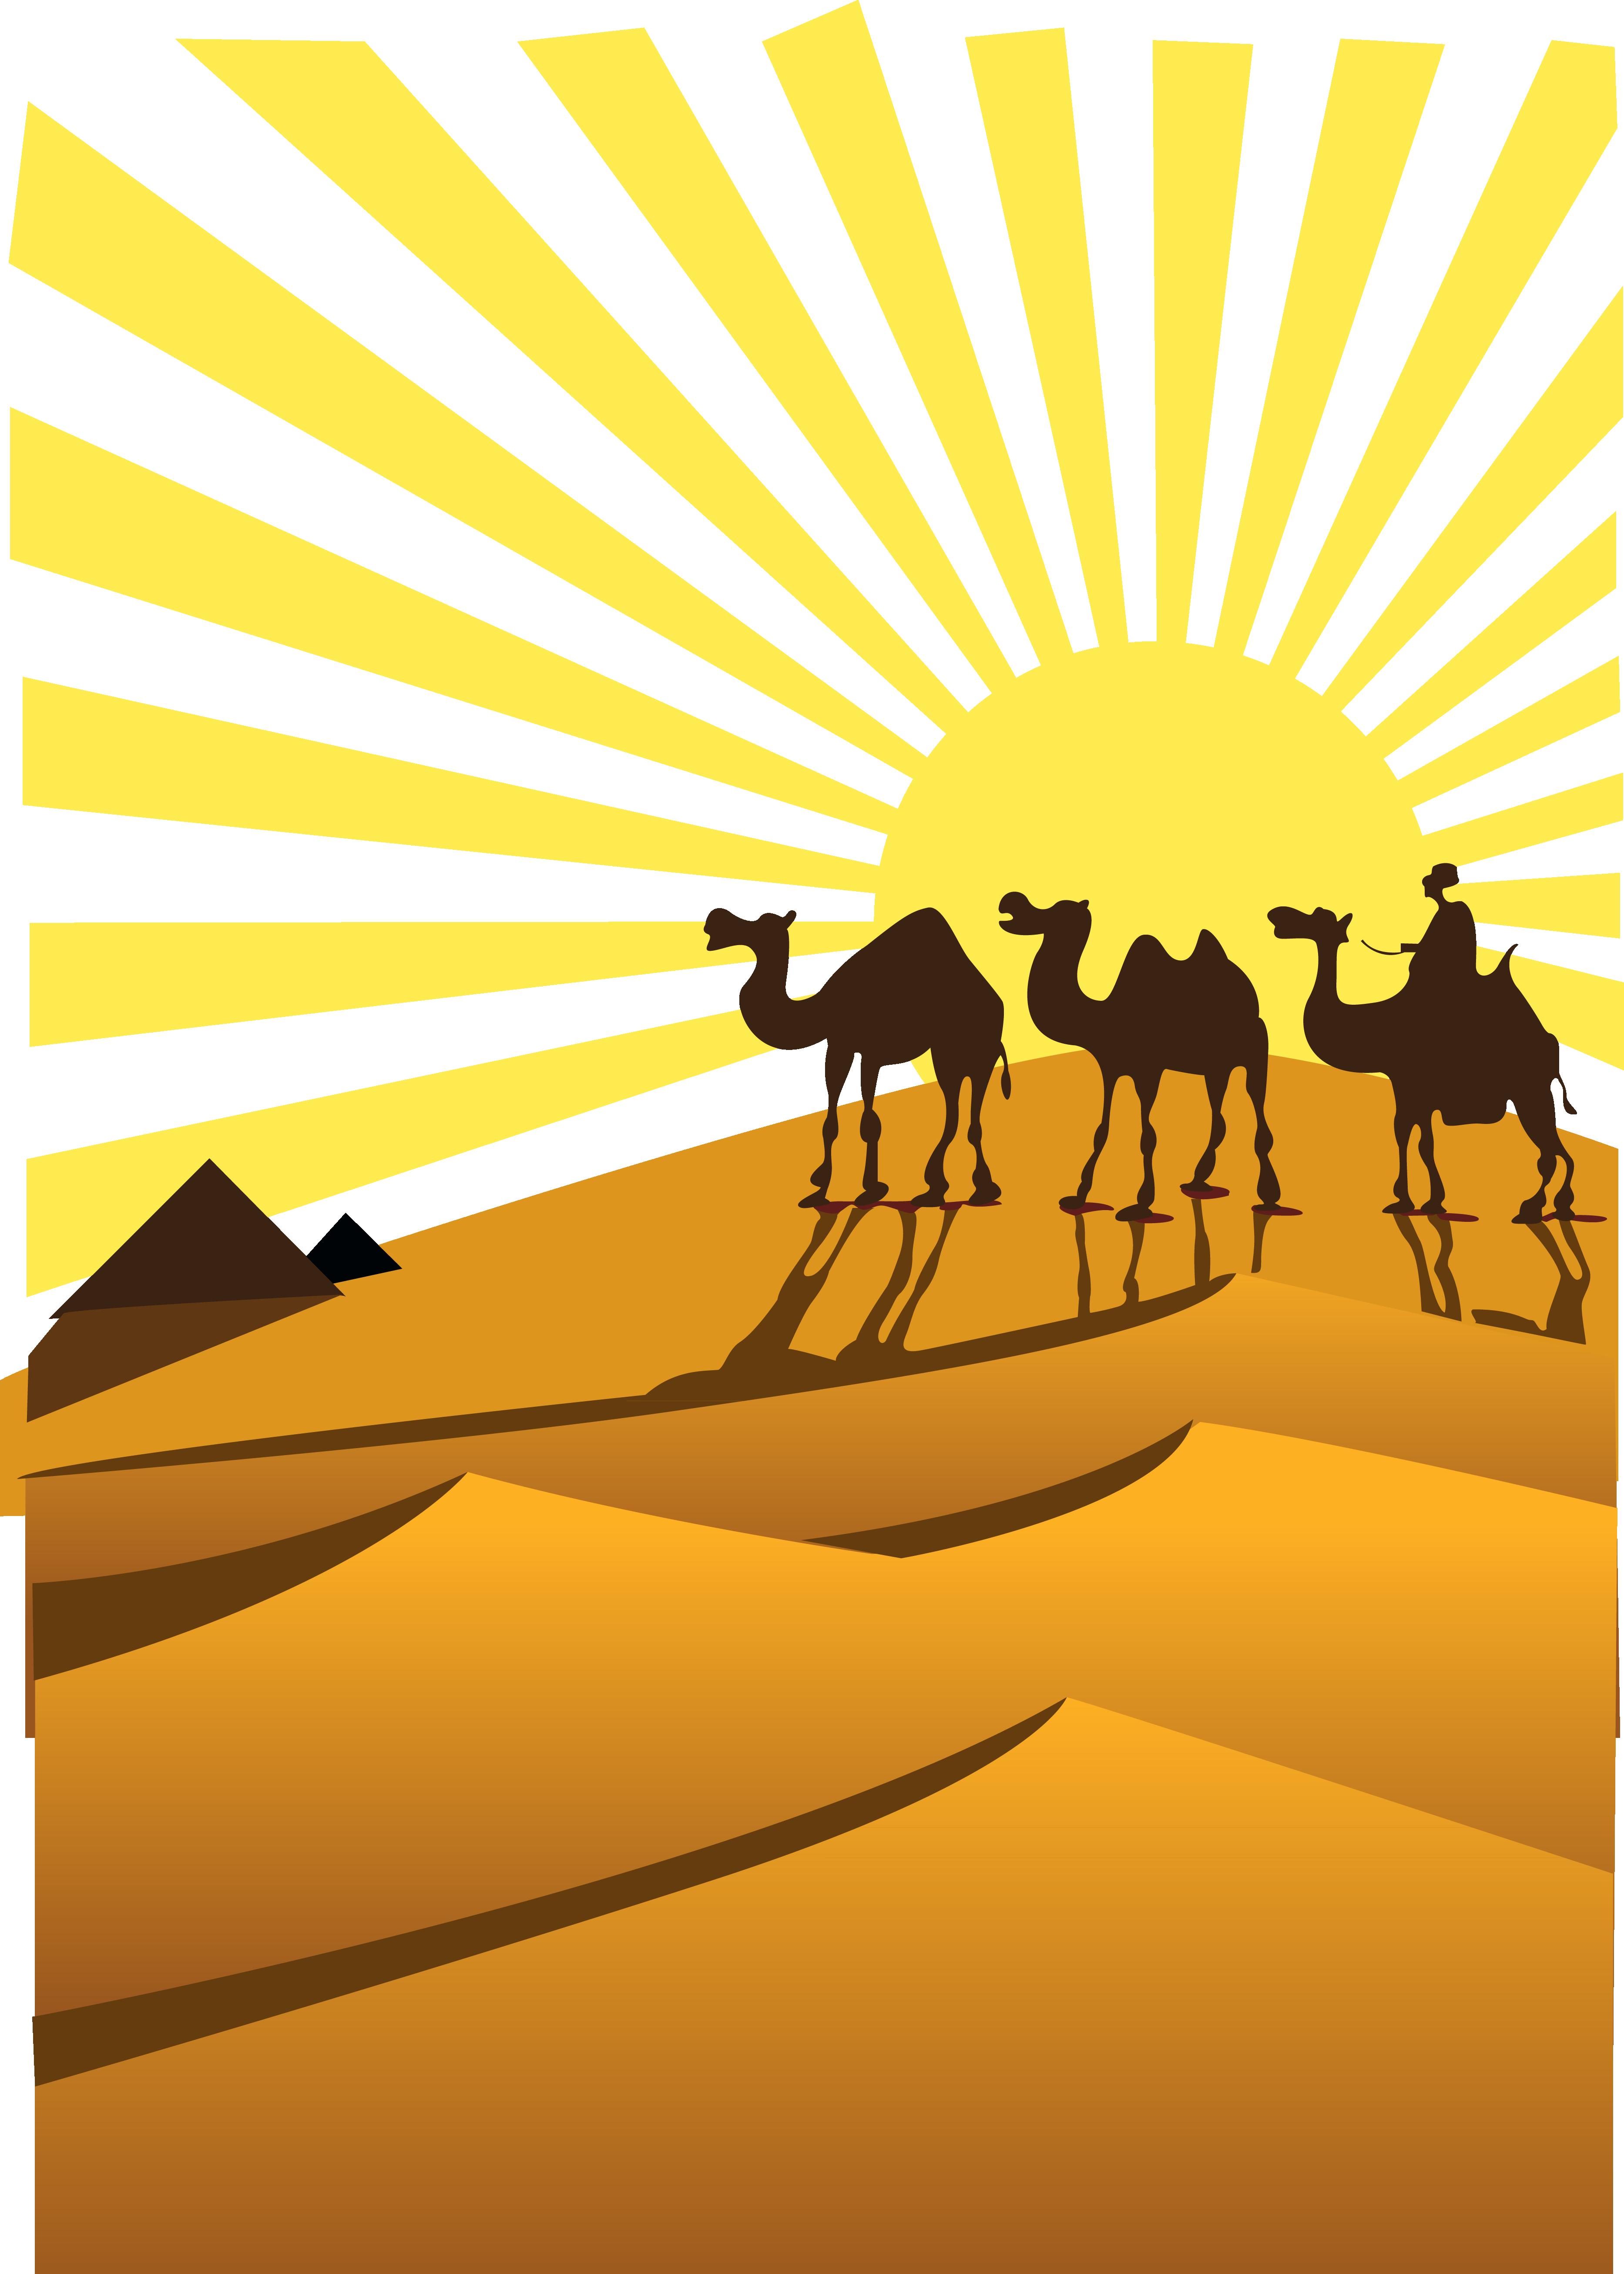 Sahara camel clip art. Desert clipart desert landform